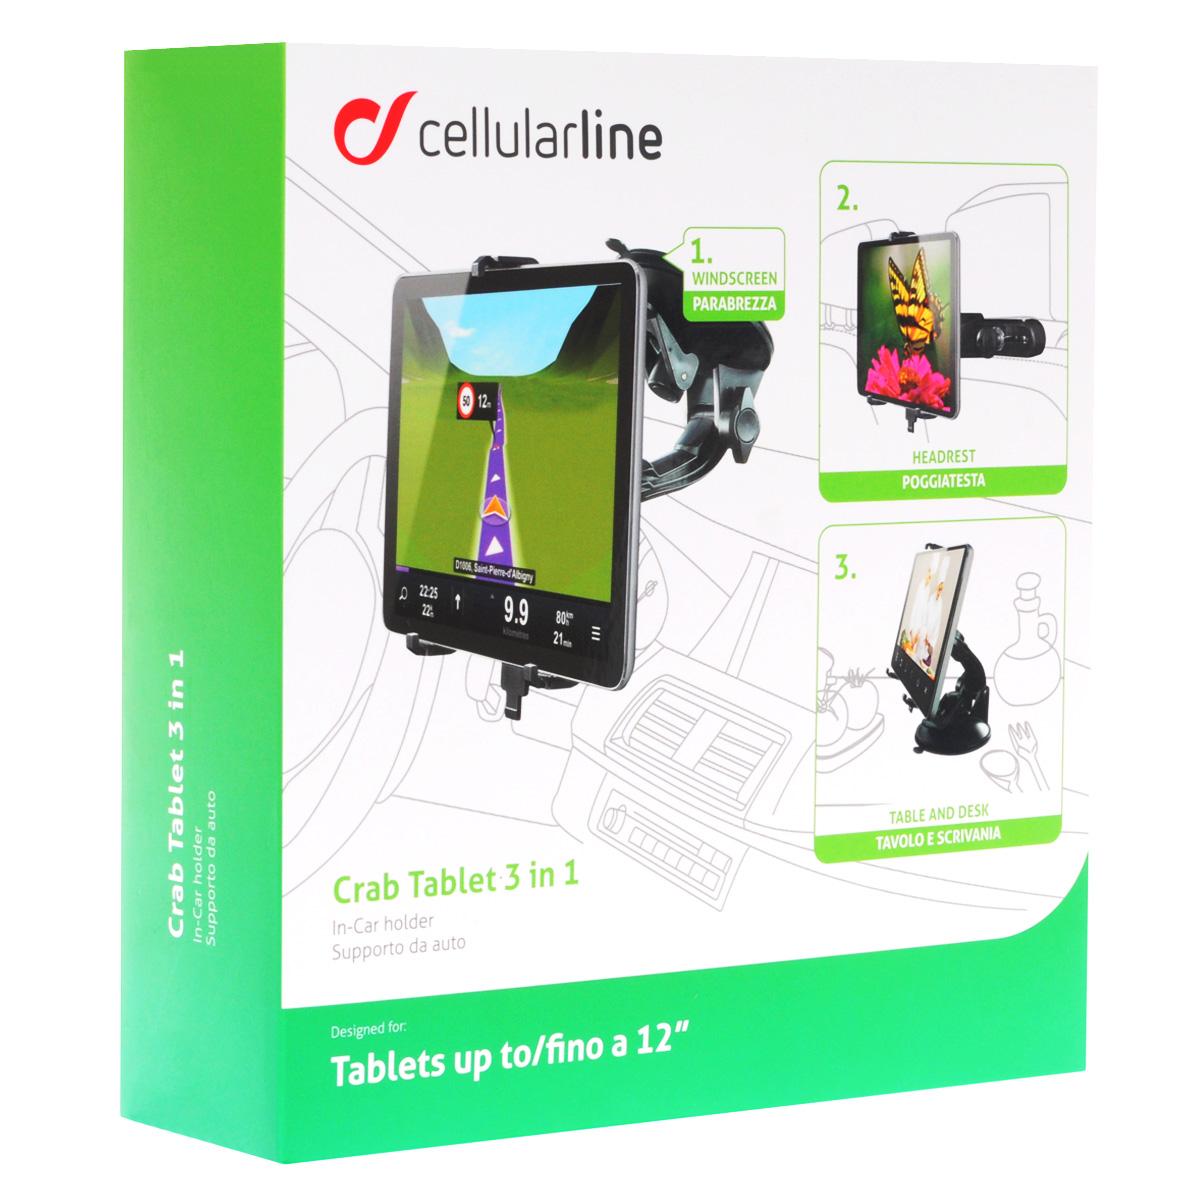 Cellular Line Crab Tablet 3 in 1 автомобильный держатель для планшета до 12